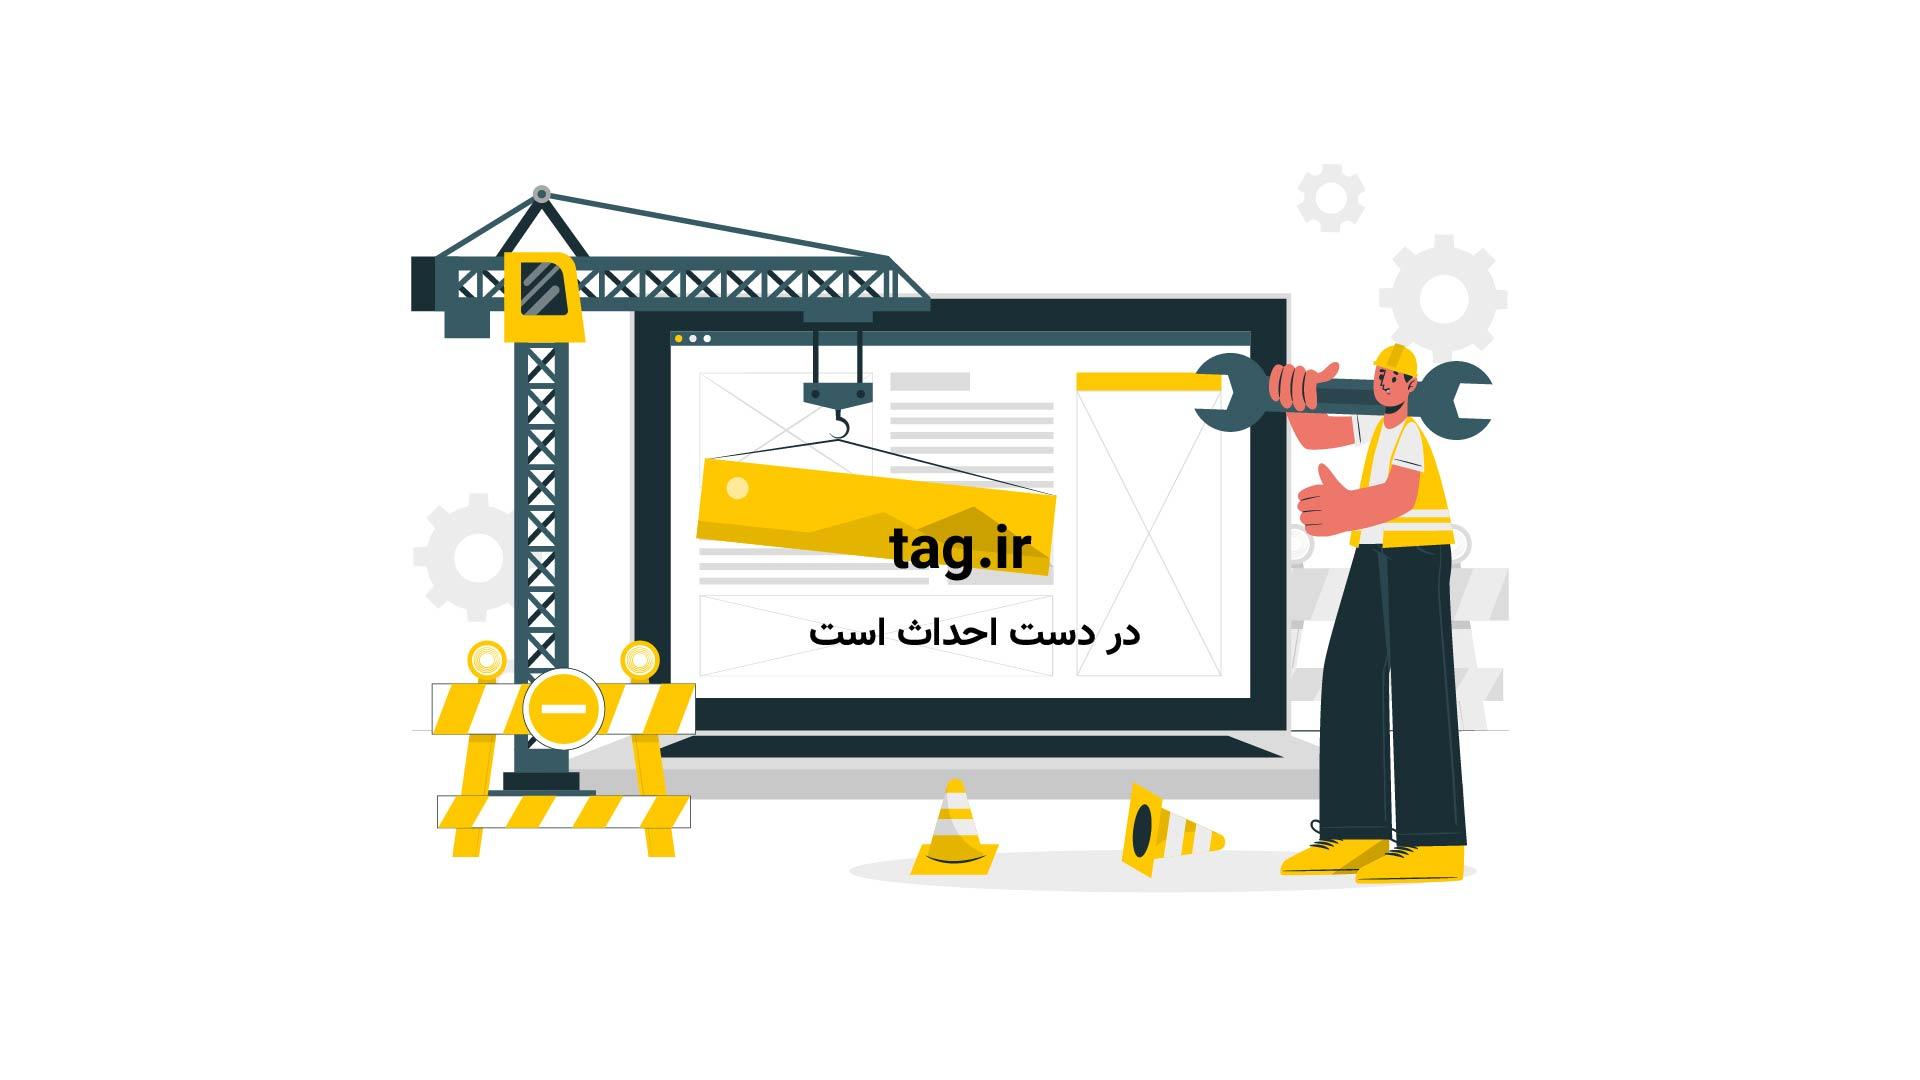 کوچکترین-راکت-ماهواره-بر-دنیا | تگ